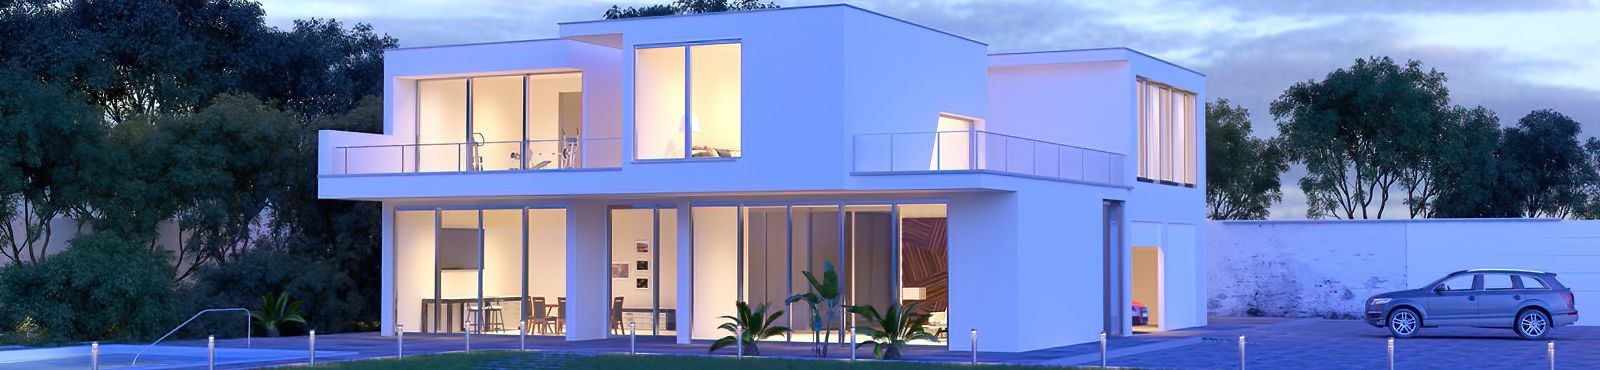 architec studio 3d